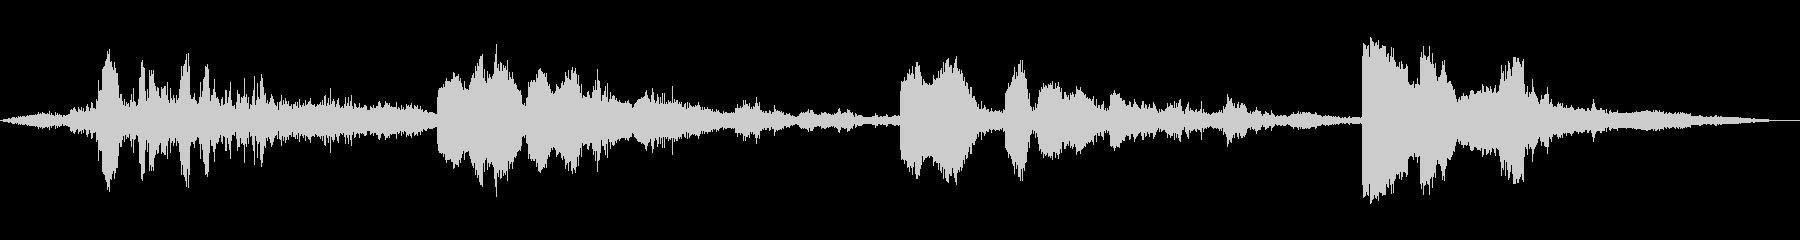 ヘビースタティックスパークスの未再生の波形